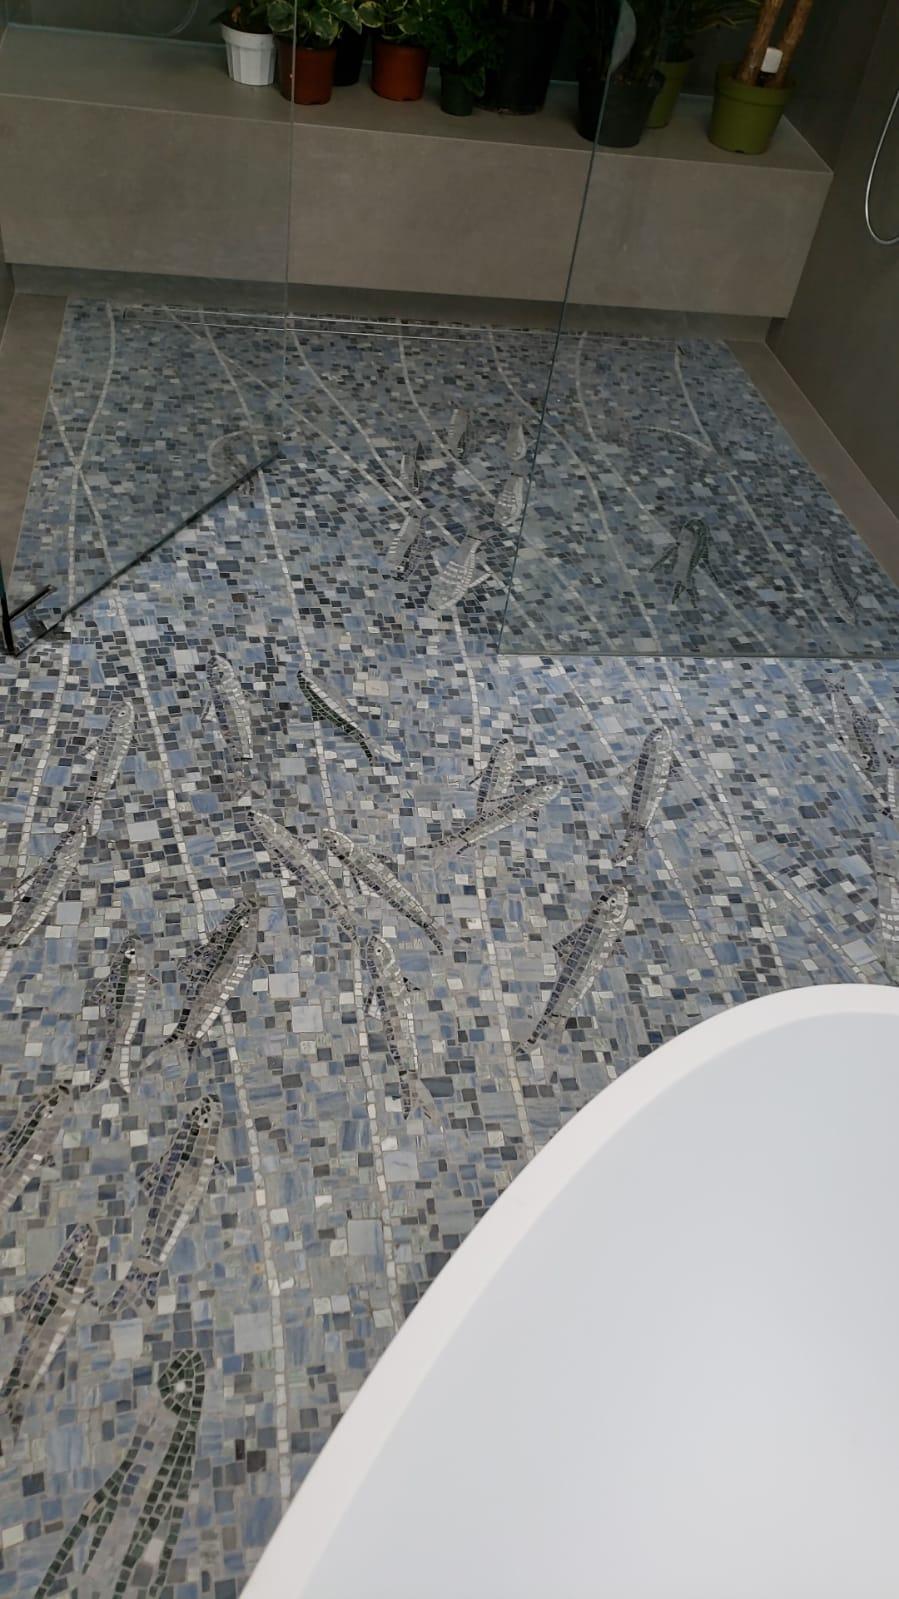 pavimento in mosaico con pesci